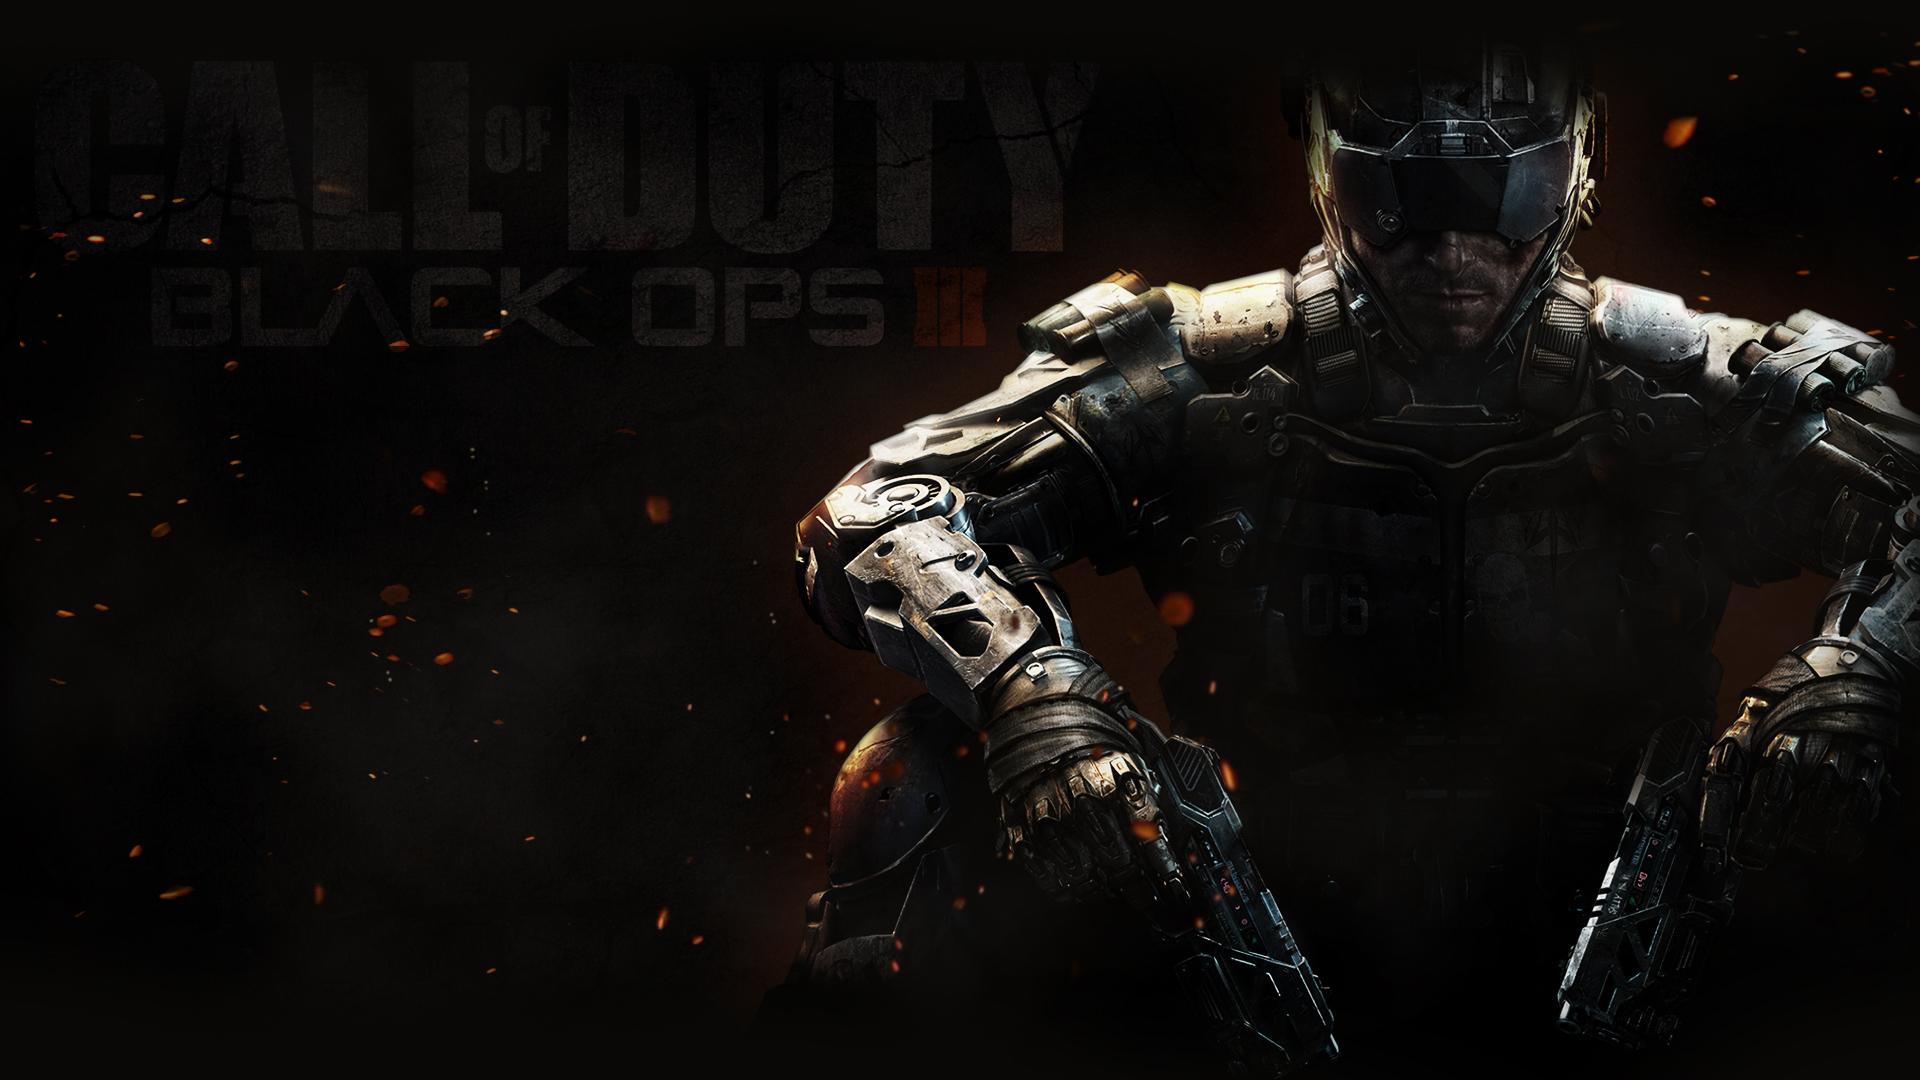 Call Of Duty Black Ops 3 Calendar 2016 Calendar Template 1920x1080